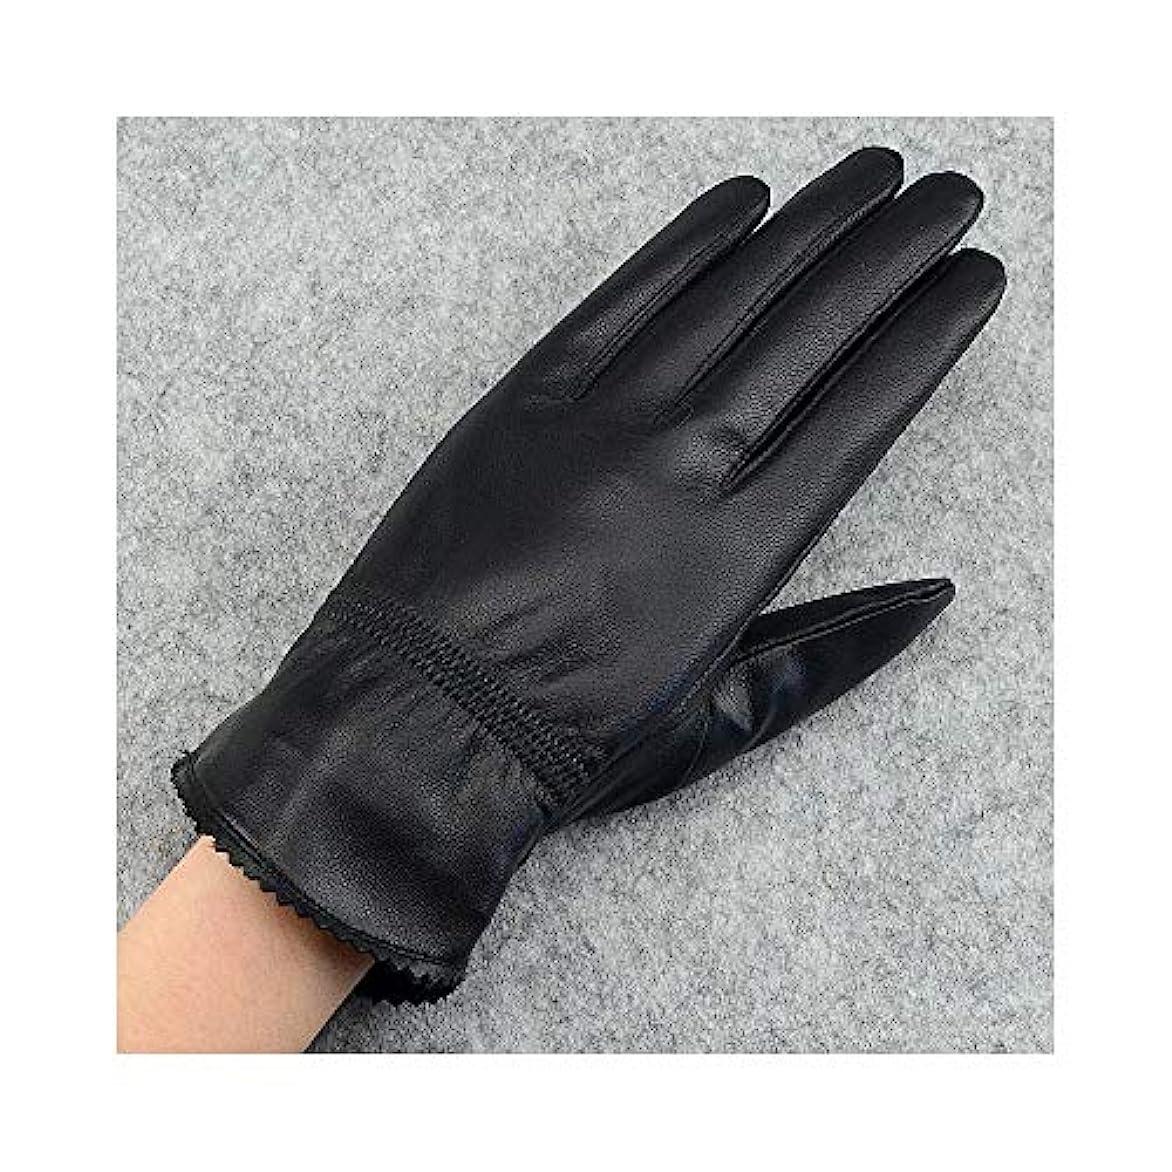 割るスライスバラエティBAJIMI 手袋 グローブ レディース/メンズ ハンド ケア ファッション女性の革の手袋は、秋と冬の暖かい冬の乗馬用手袋を厚くする 裏起毛 おしゃれ 手触りが良い 運転 耐磨耗性 換気性